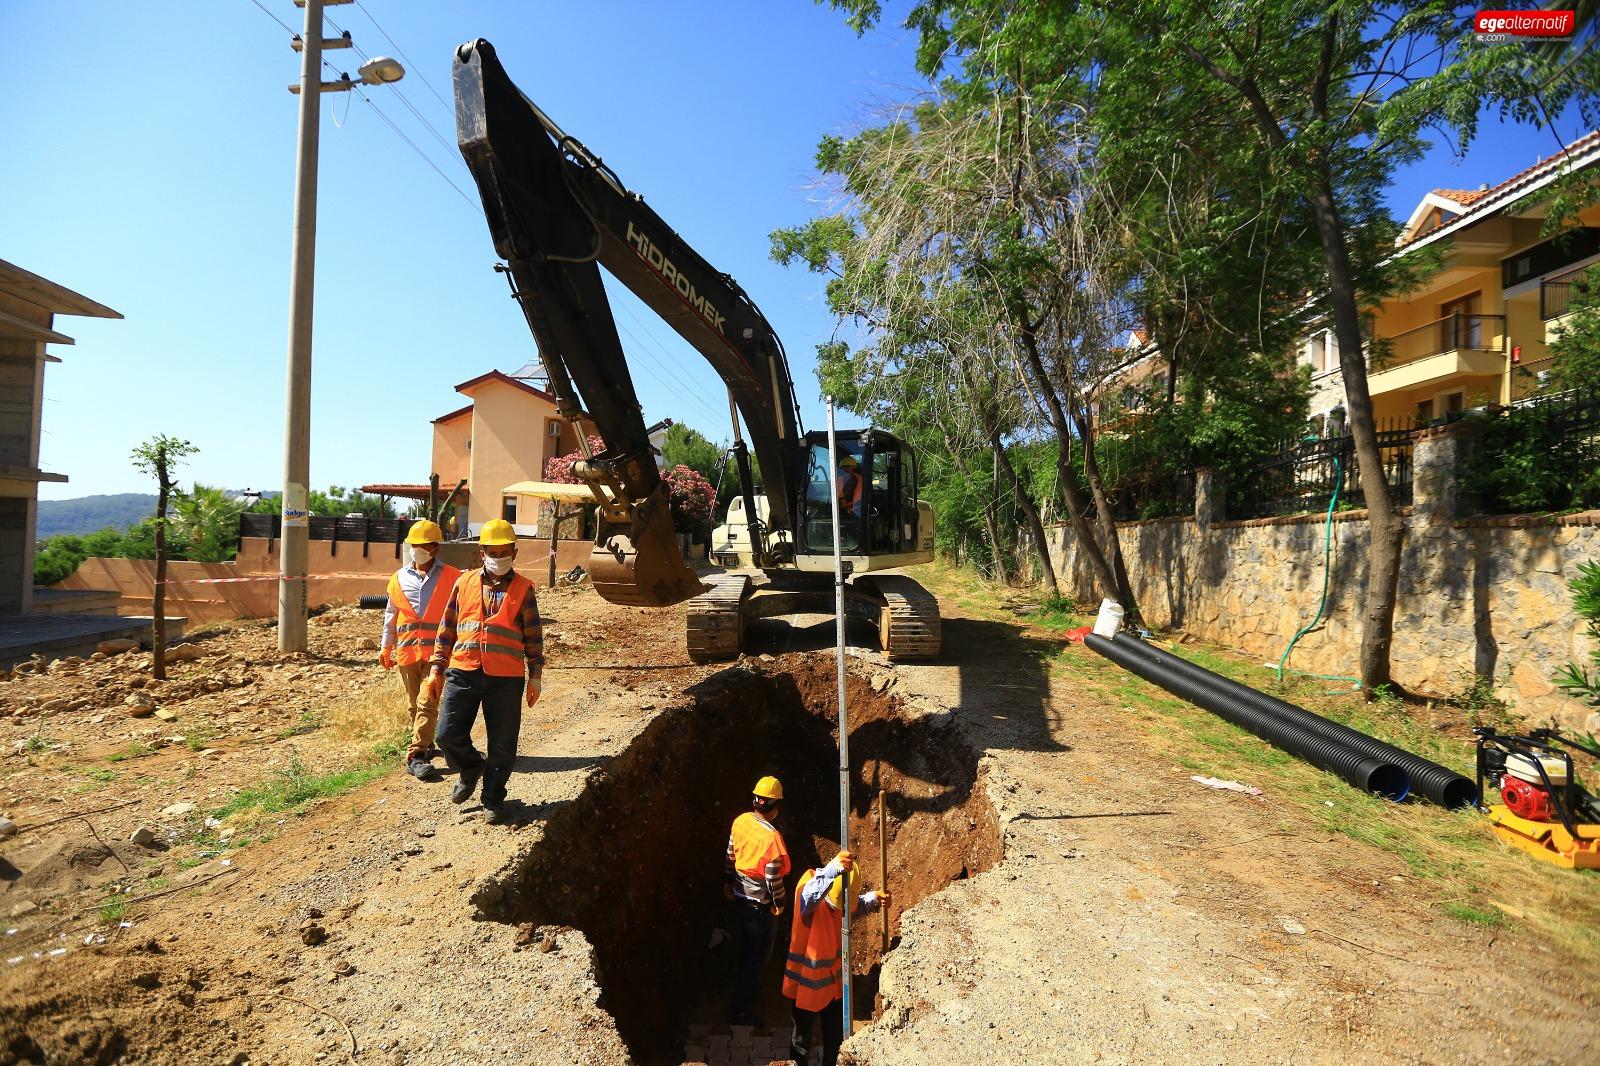 Fethiye'de Dev Altyapı Yatırımı Devam Ediyor